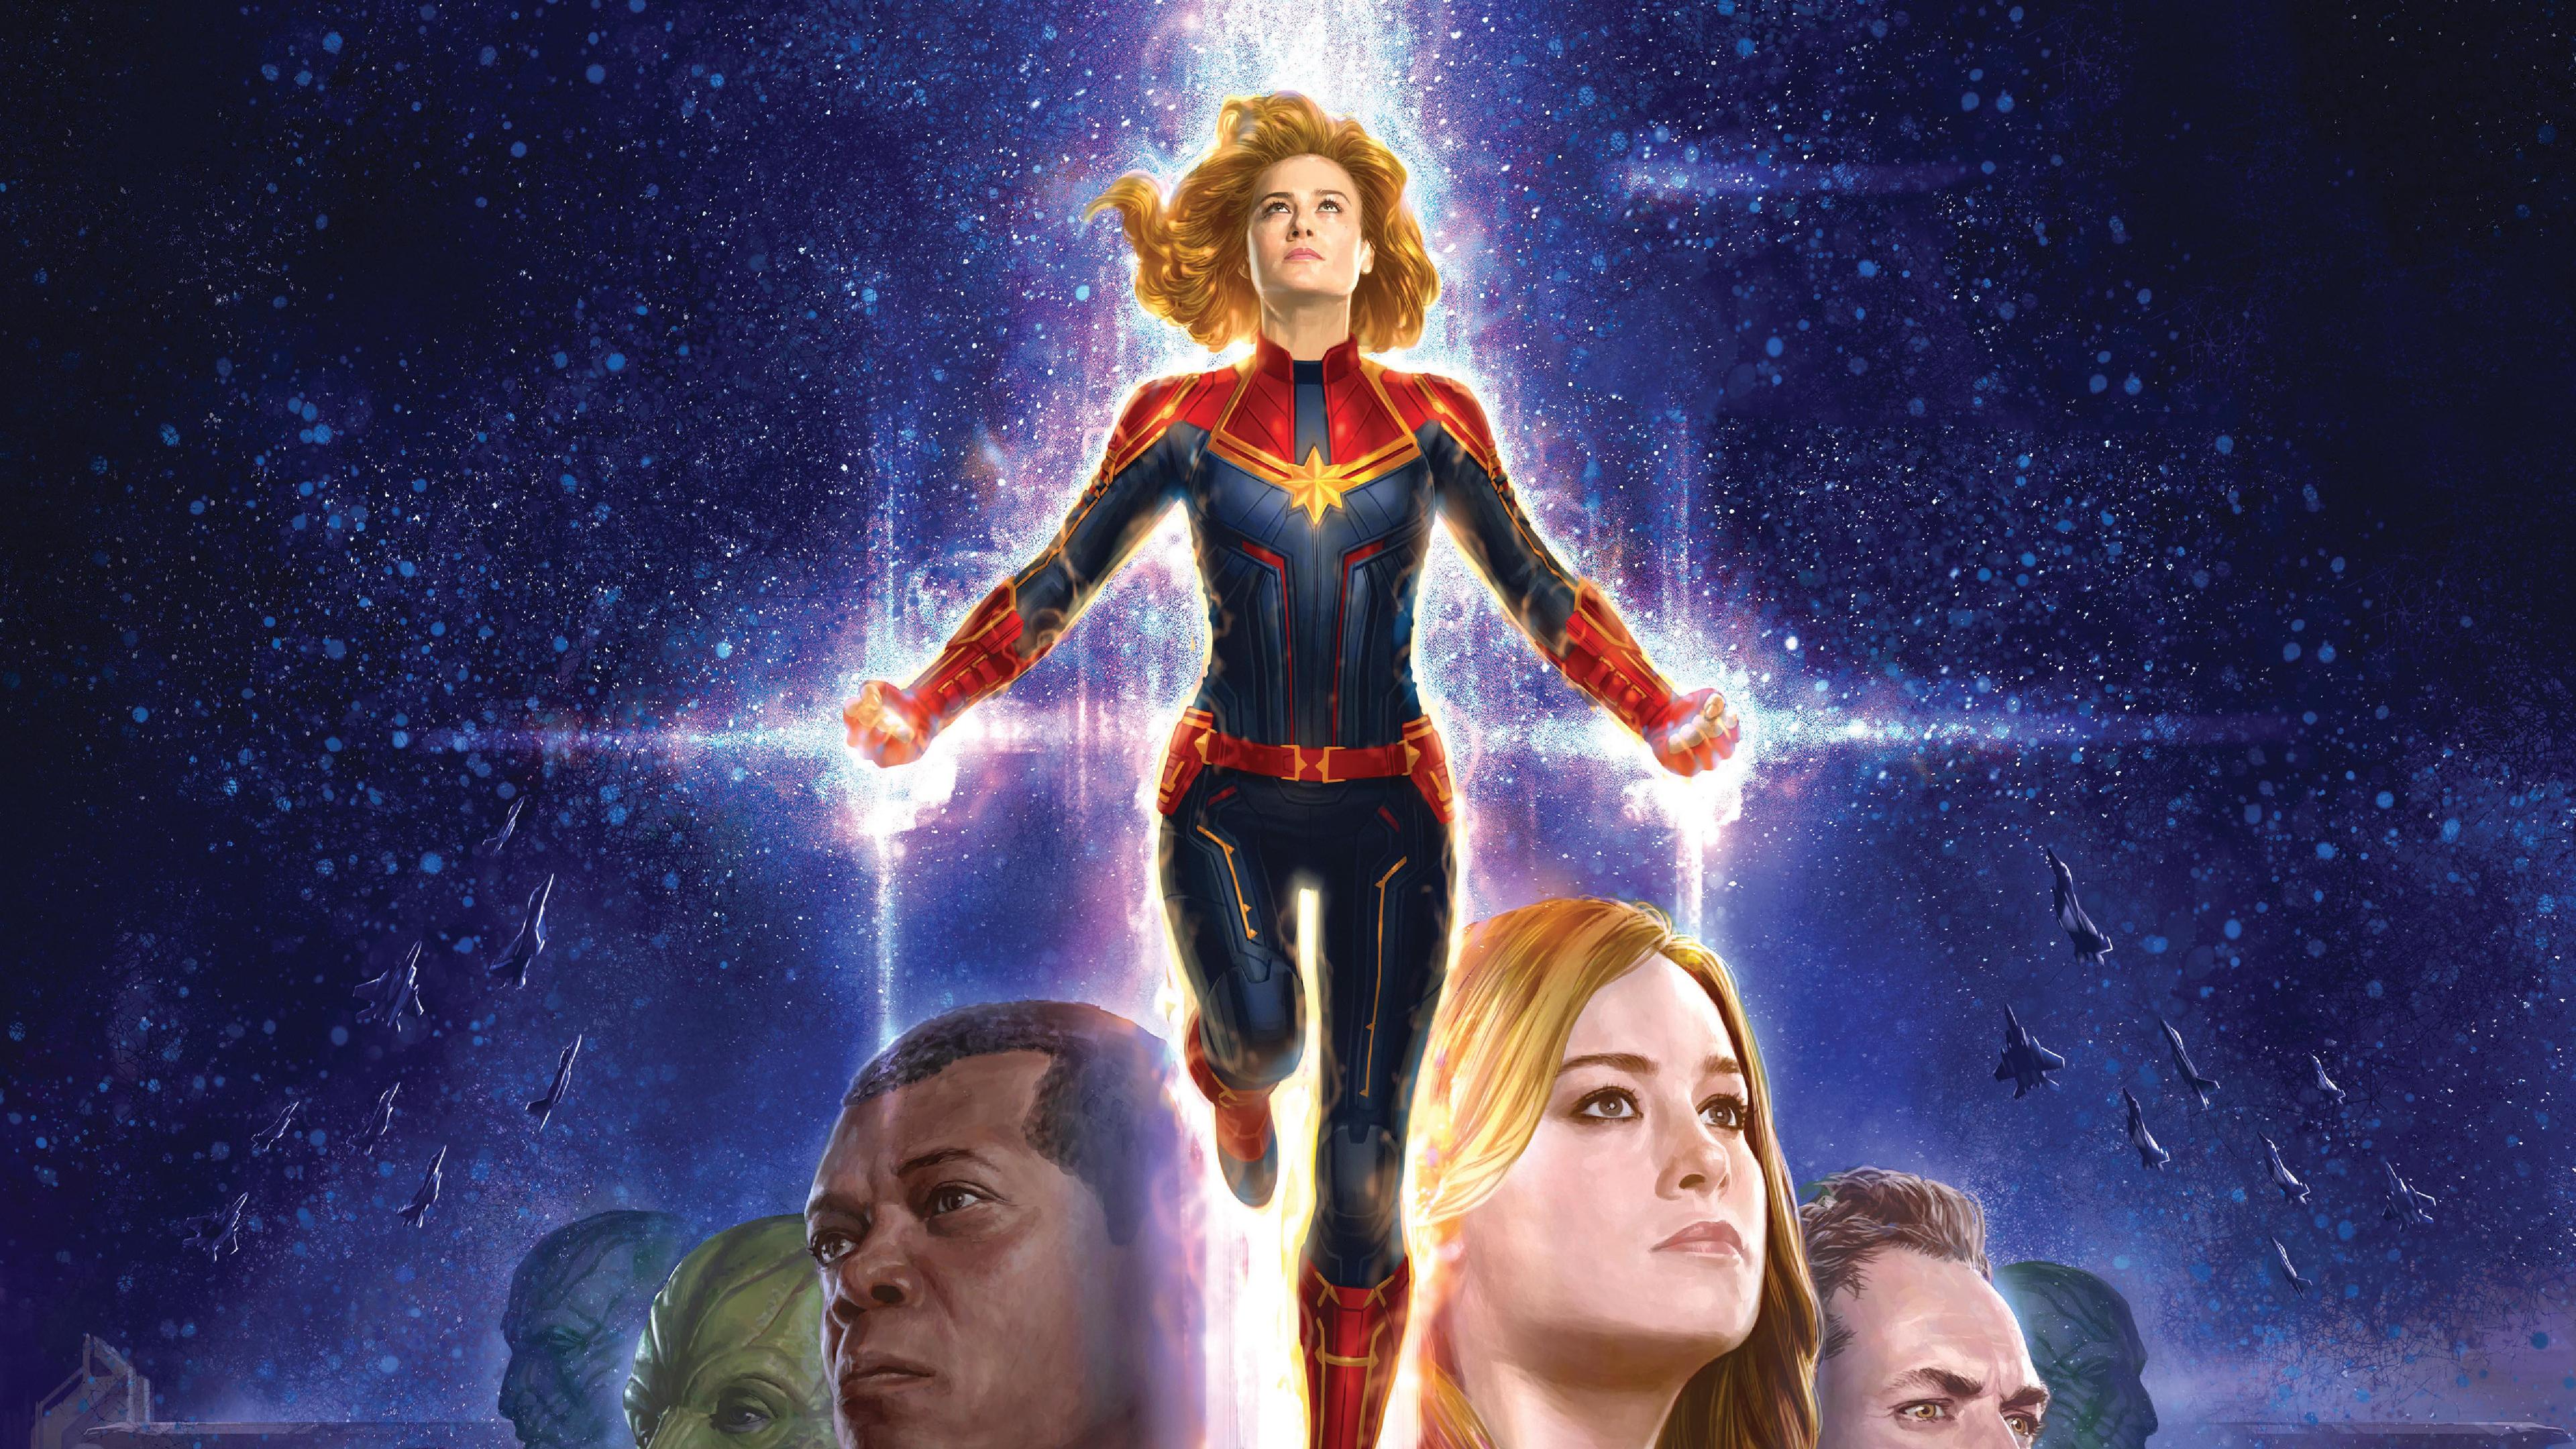 captain marvel 4k art 1553071921 - Captain Marvel 4k Art - superheroes wallpapers, hd-wallpapers, captain marvel wallpapers, artwork wallpapers, 5k wallpapers, 4k-wallpapers